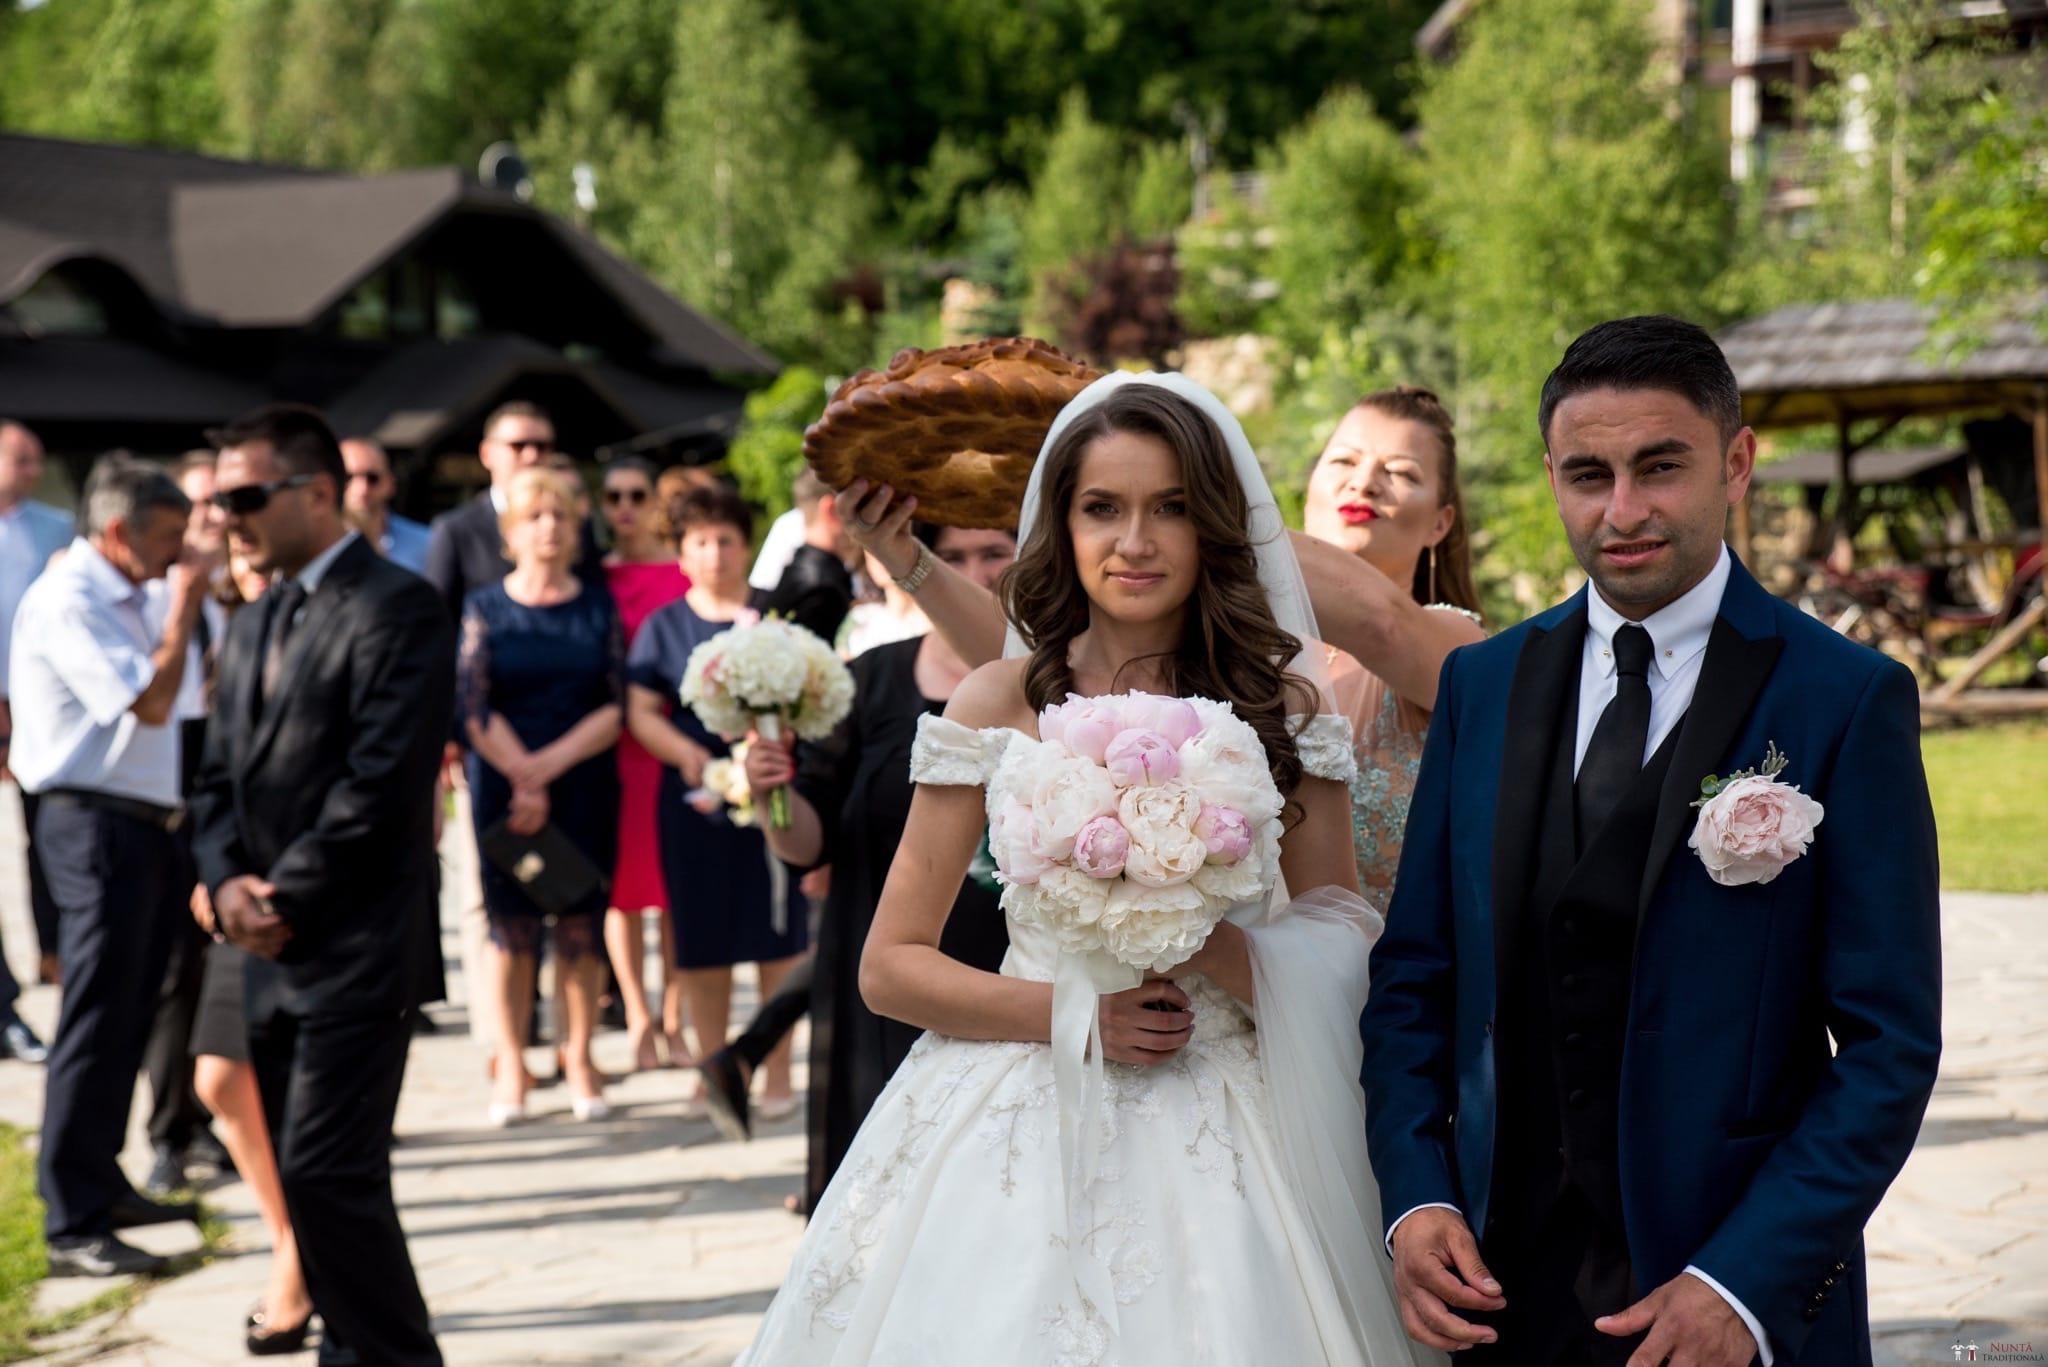 Povești Nunți Tradiționale - Irina și Alexandru, nuntă în Câmpulung Moldovenesc, Suceava 54